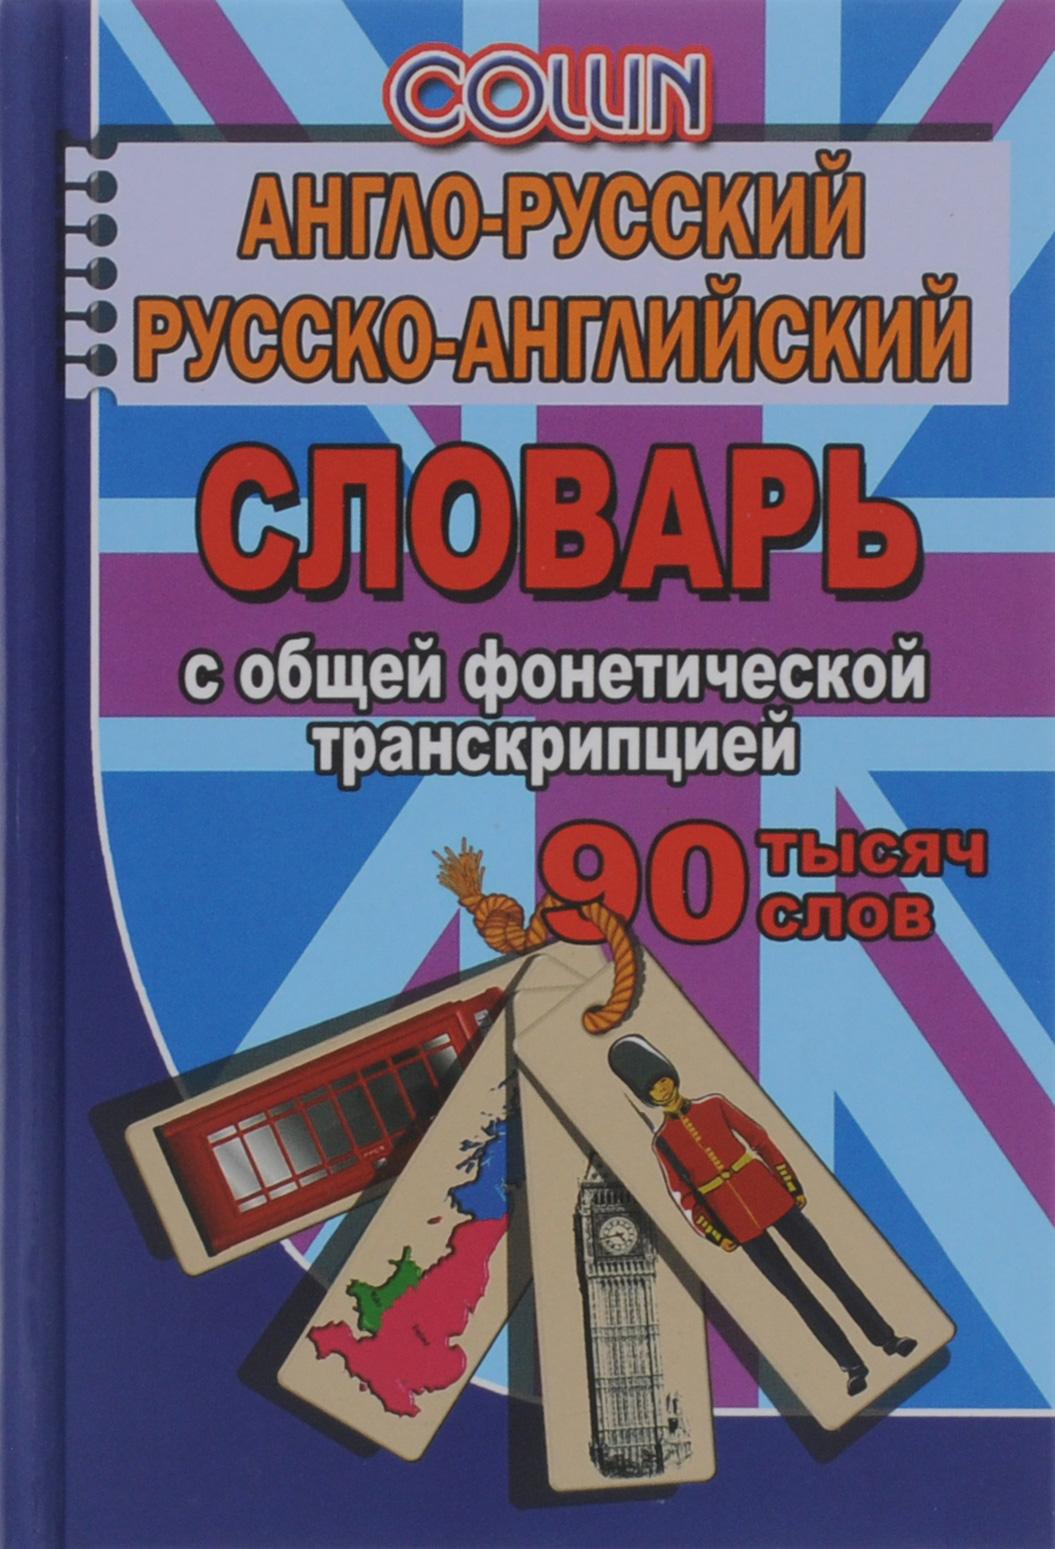 Collin Англо-русский, русско-английский словарь 90 тыс. слов с общей фонетической транскрипцией микроавтобус газель 2010 года пробег 90 тыс км за сколько можно продать